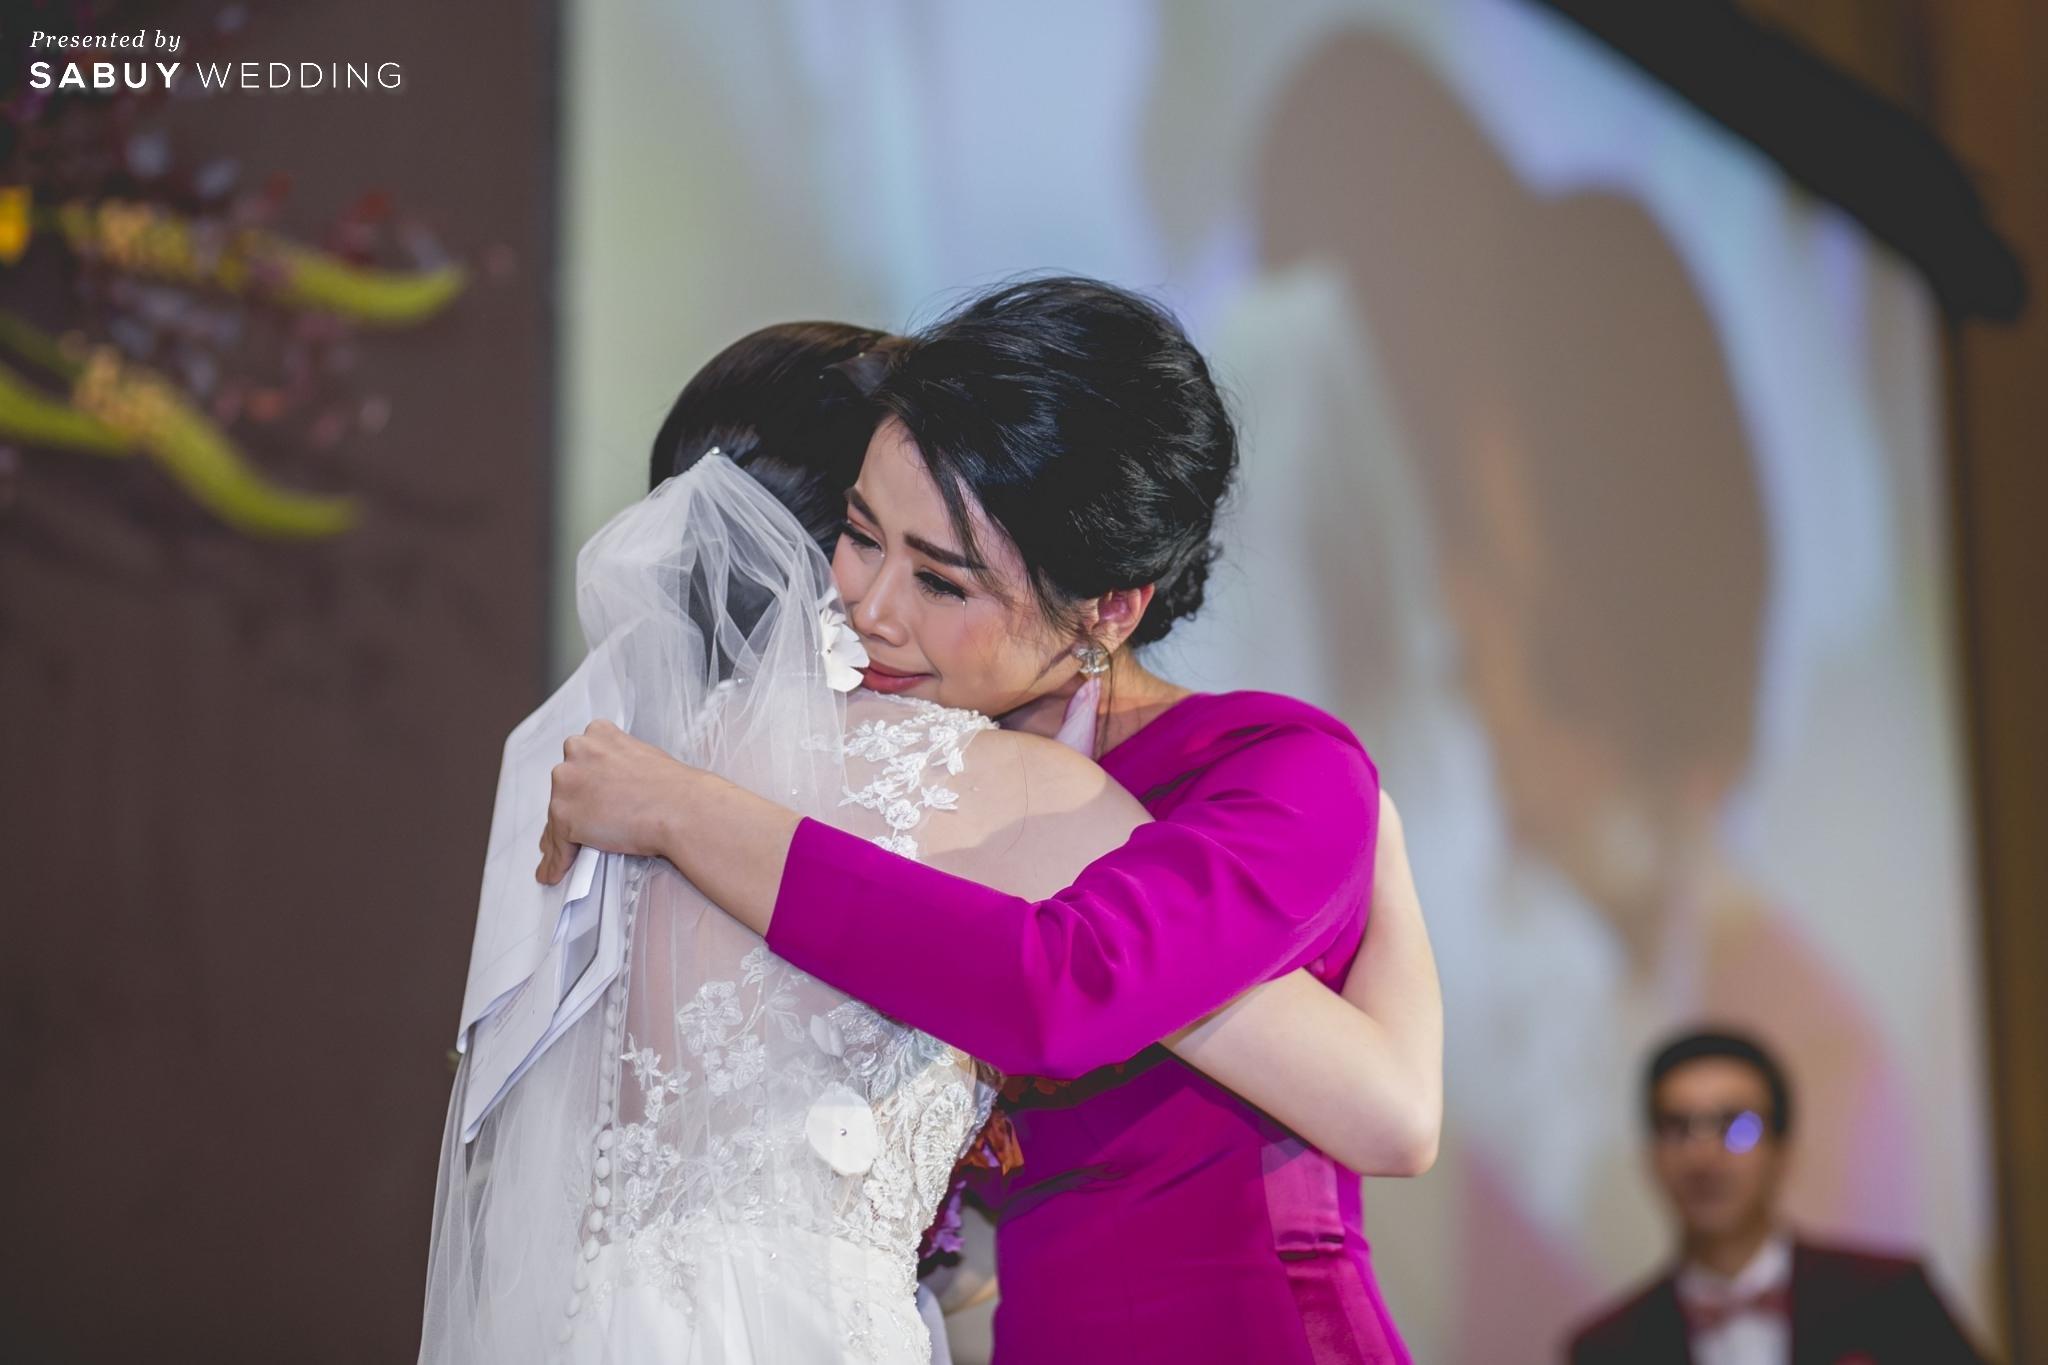 เจ้าสาว,เพื่อนเจ้าสาว,งานแต่งงาน รีวิวงานแต่งแซ่บจี๊ดใจ สวยสดใสด้วยโทนสี Colorful @ AVANI+ Riverside Bangkok Hotel